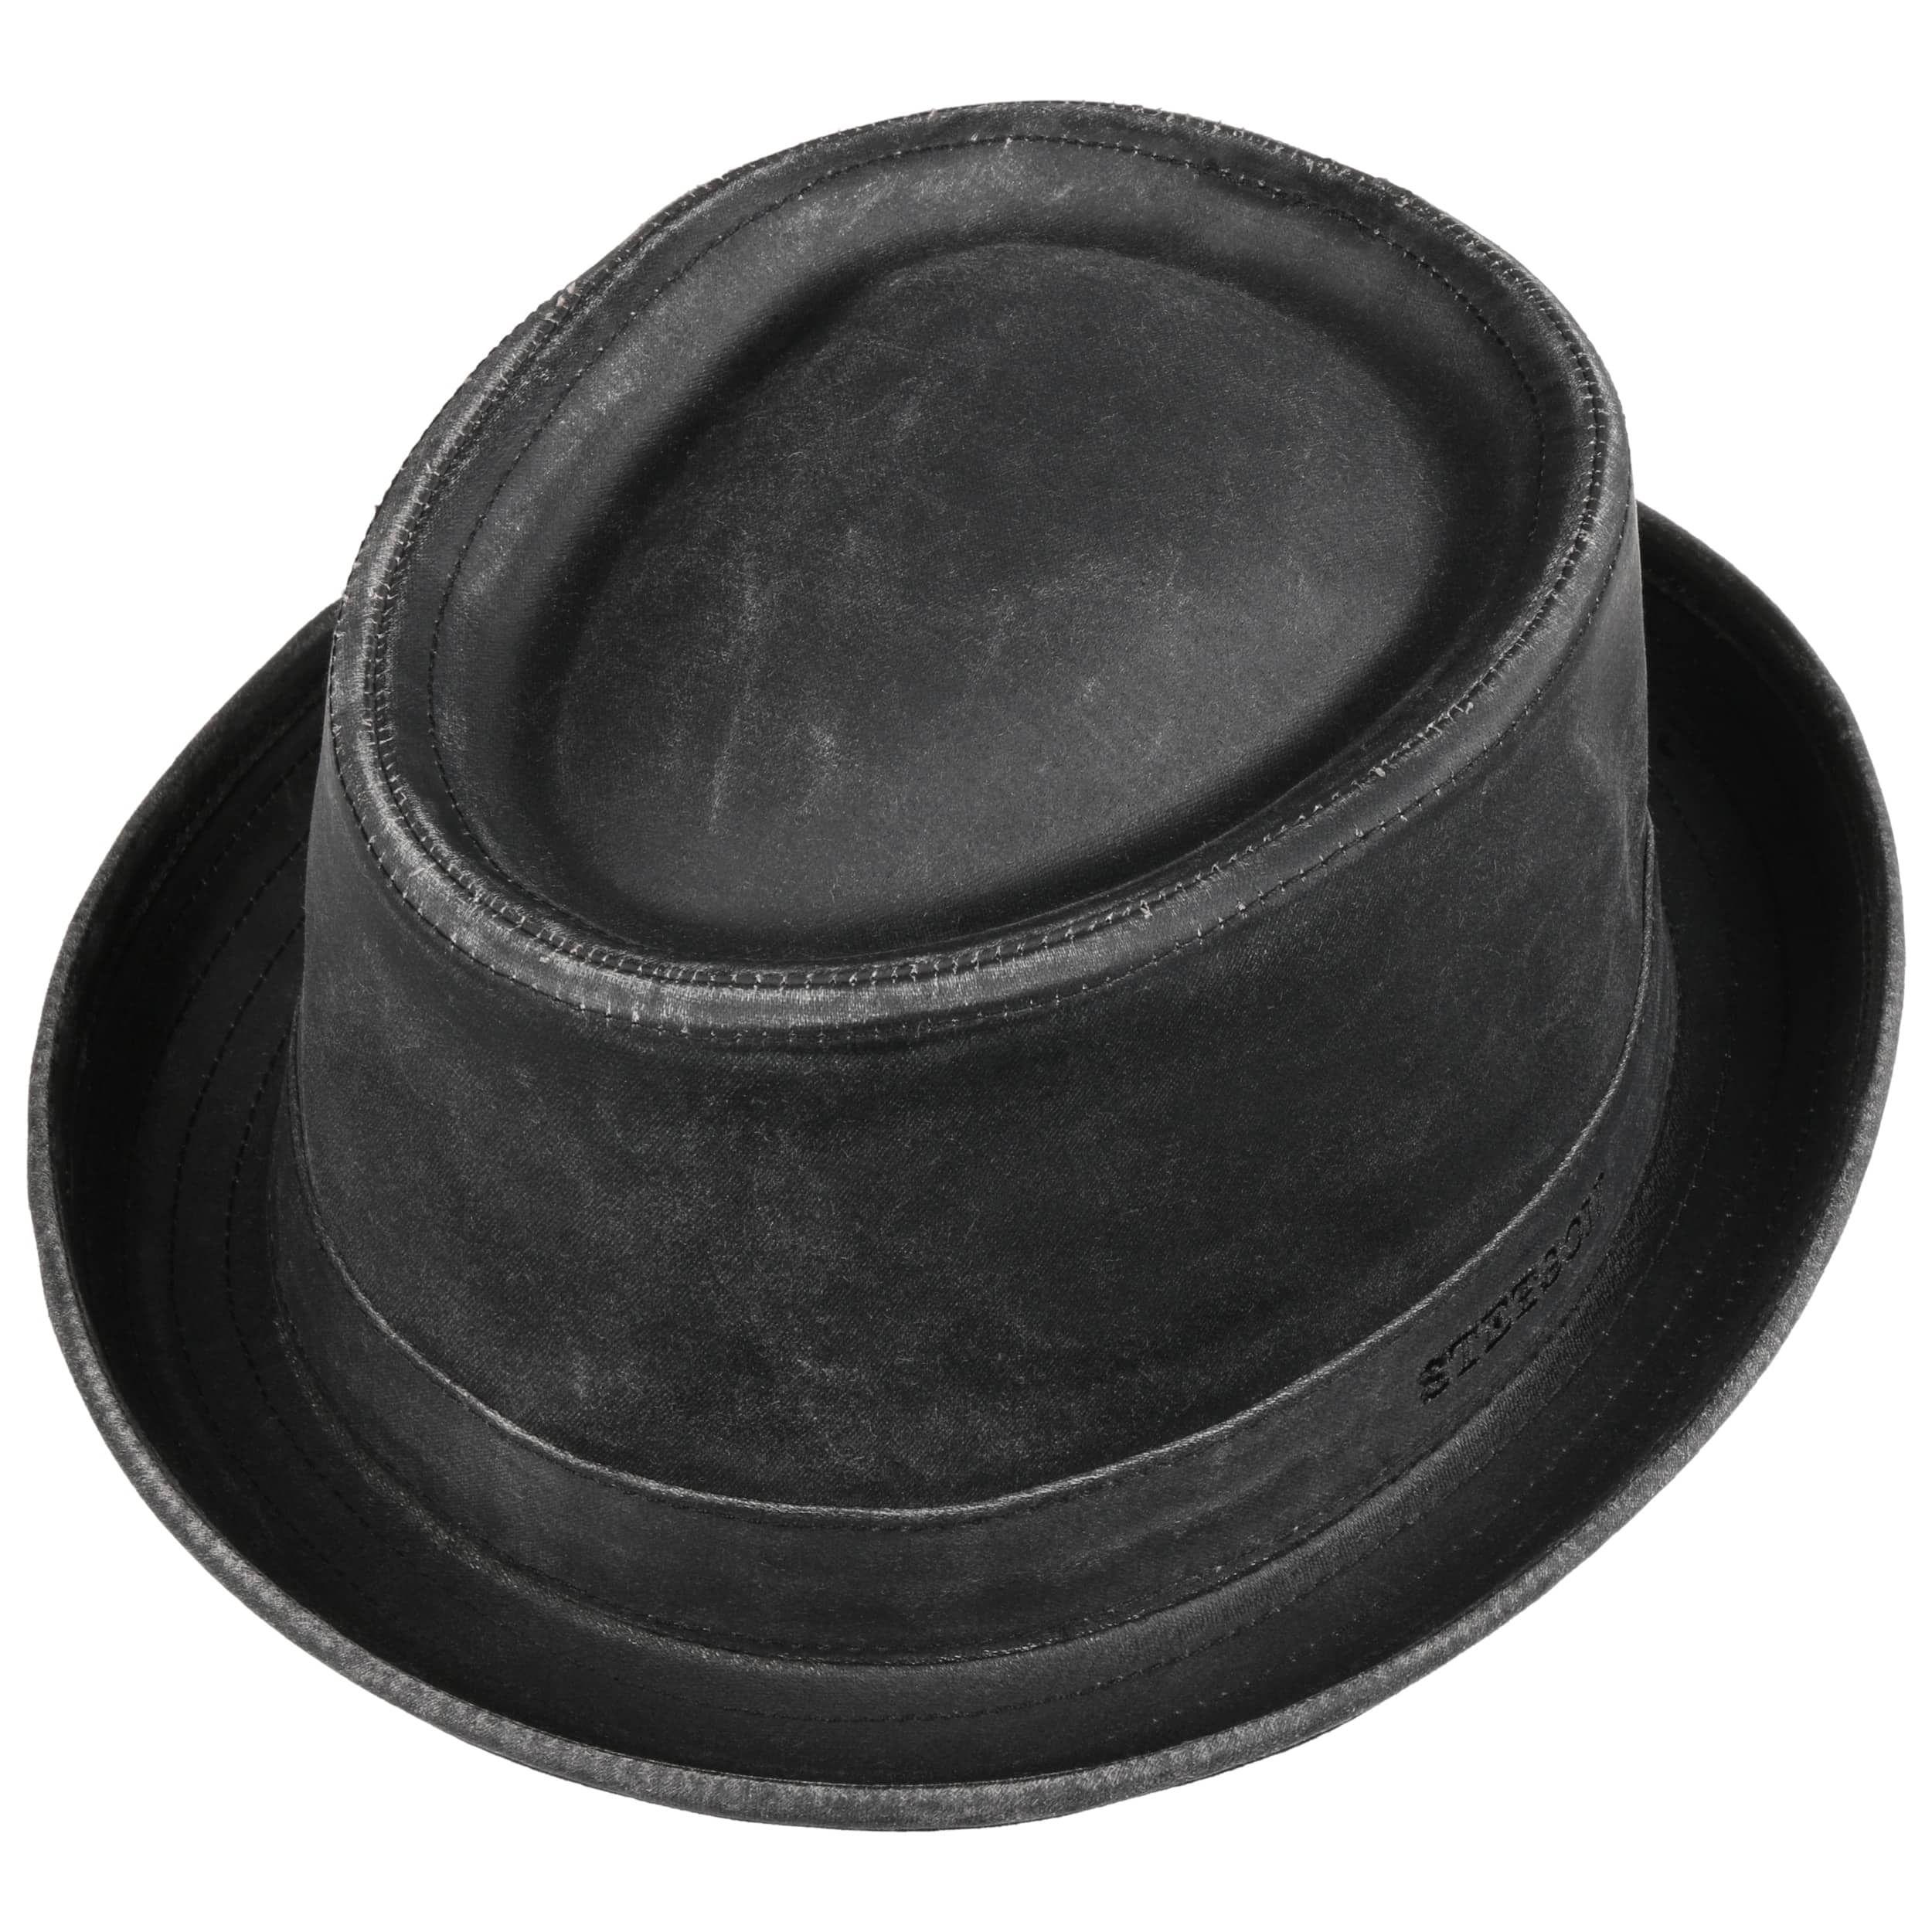 Odenton Pork Pie Cloth Hat black